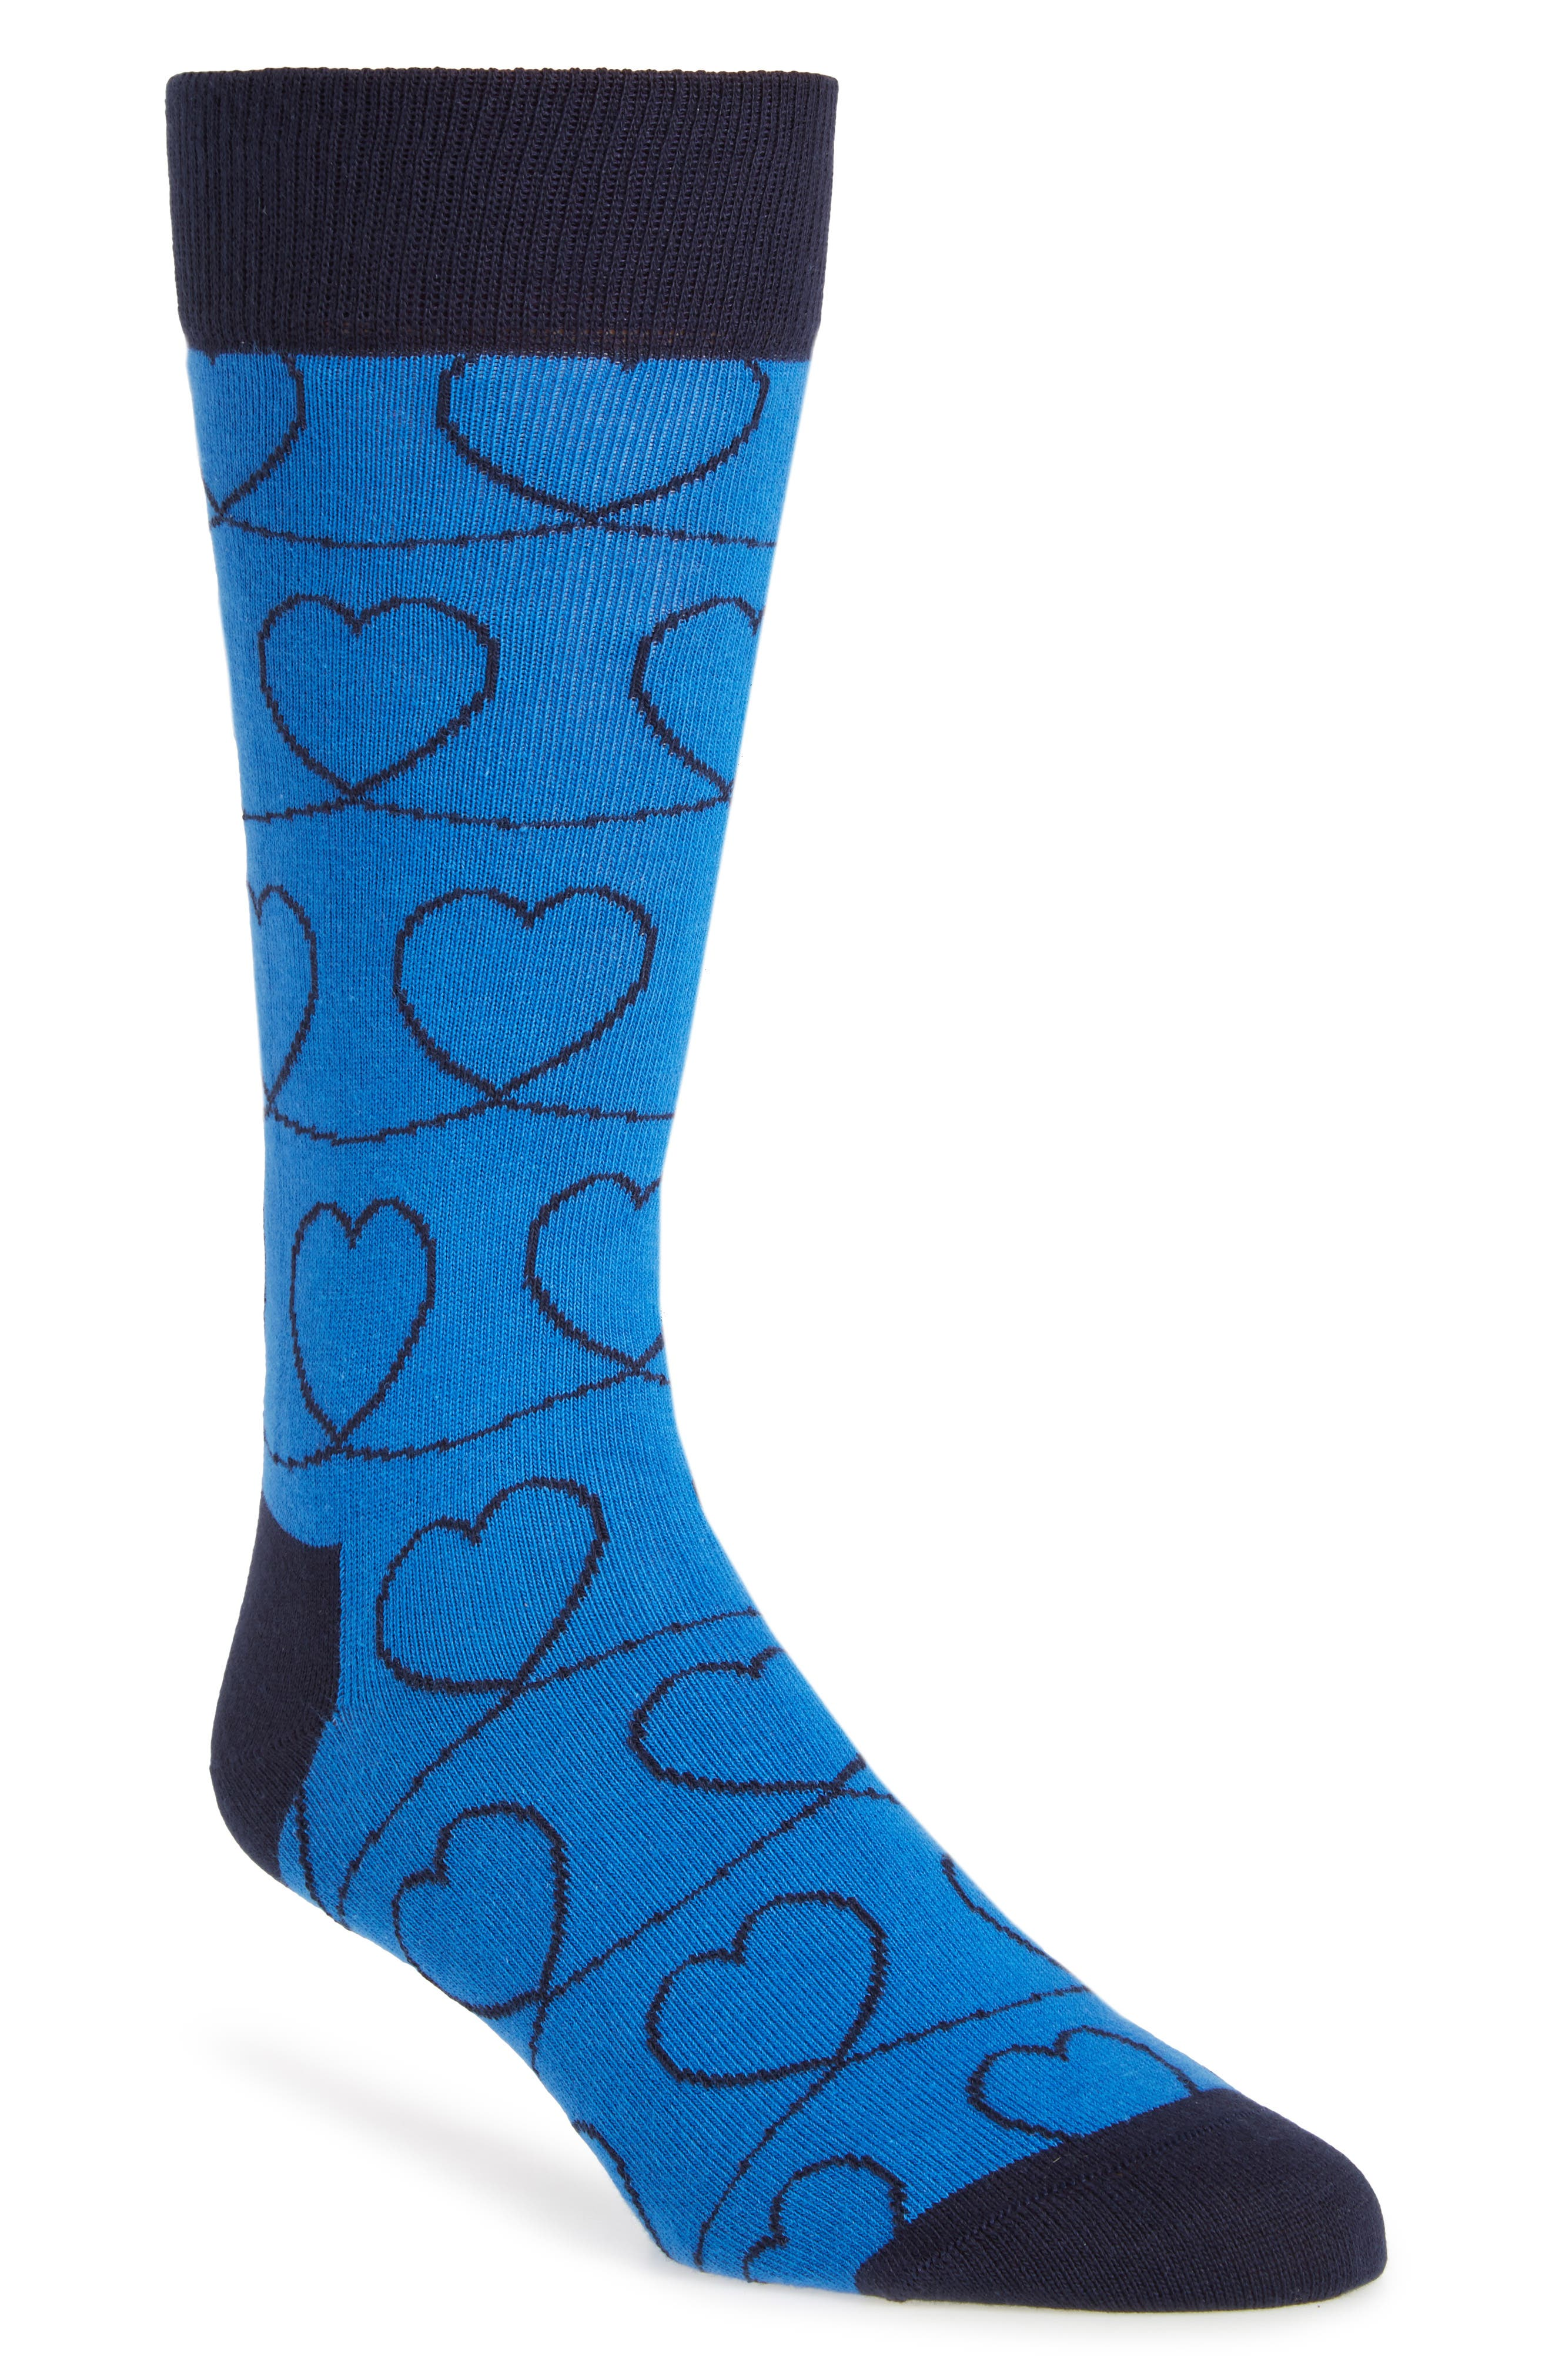 Happy Socks Socks LOVELINE SOCKS